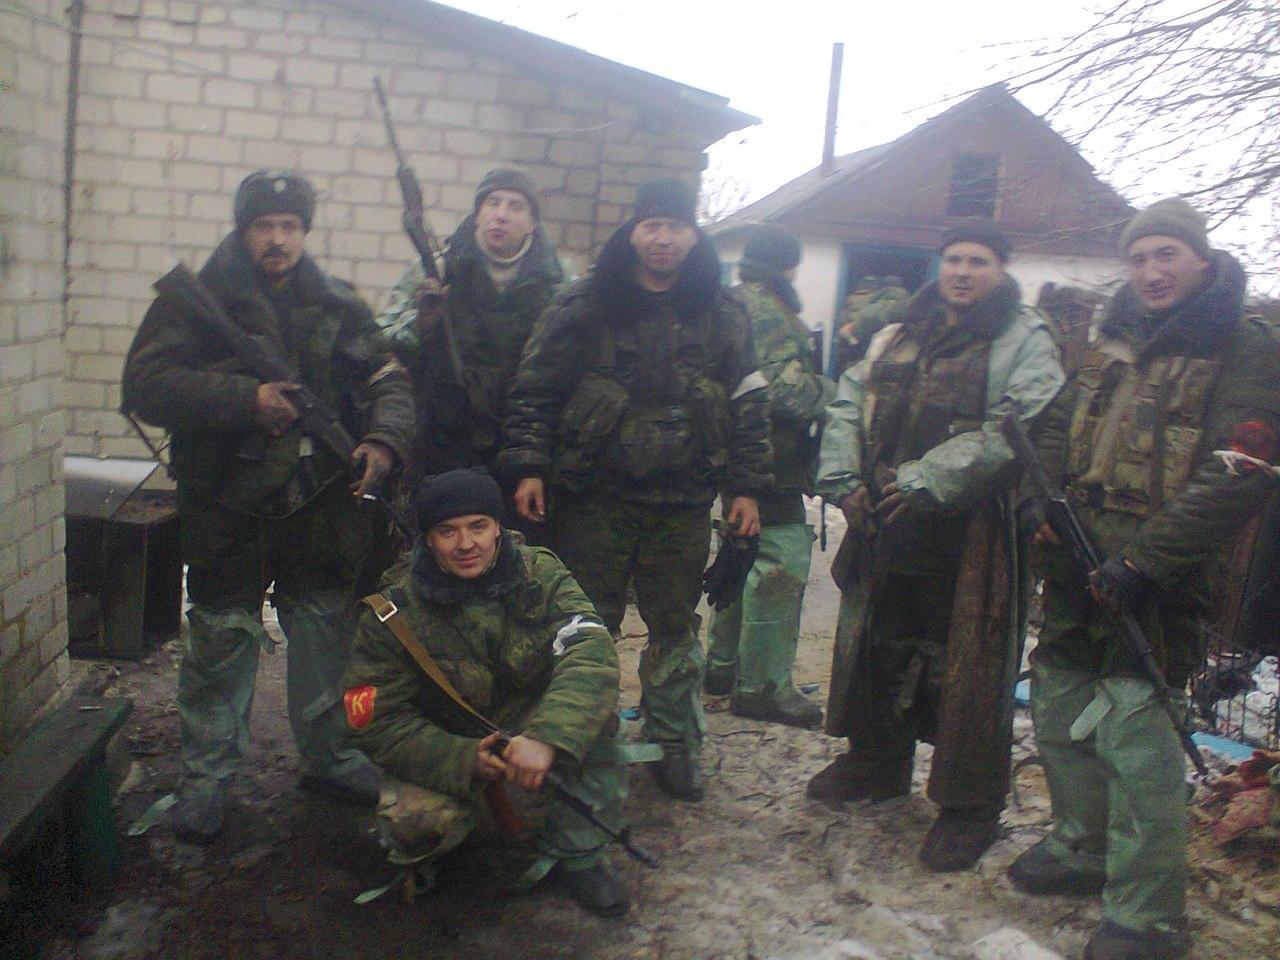 В Кировске почтили память местных жителей погибших под массированными обстрелами киевских агрессоров